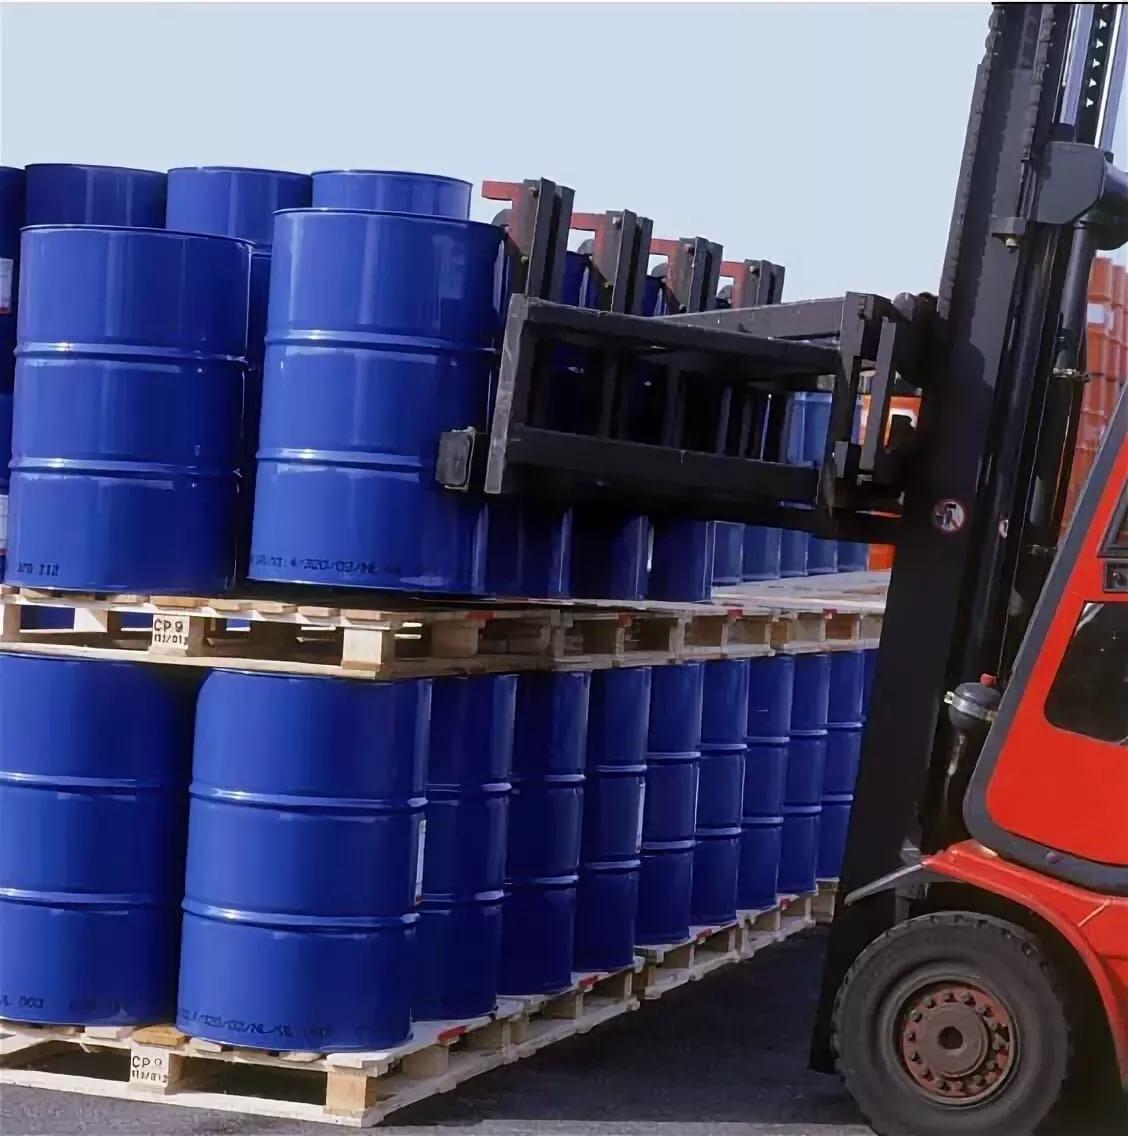 Russian D2 diesel gas oil